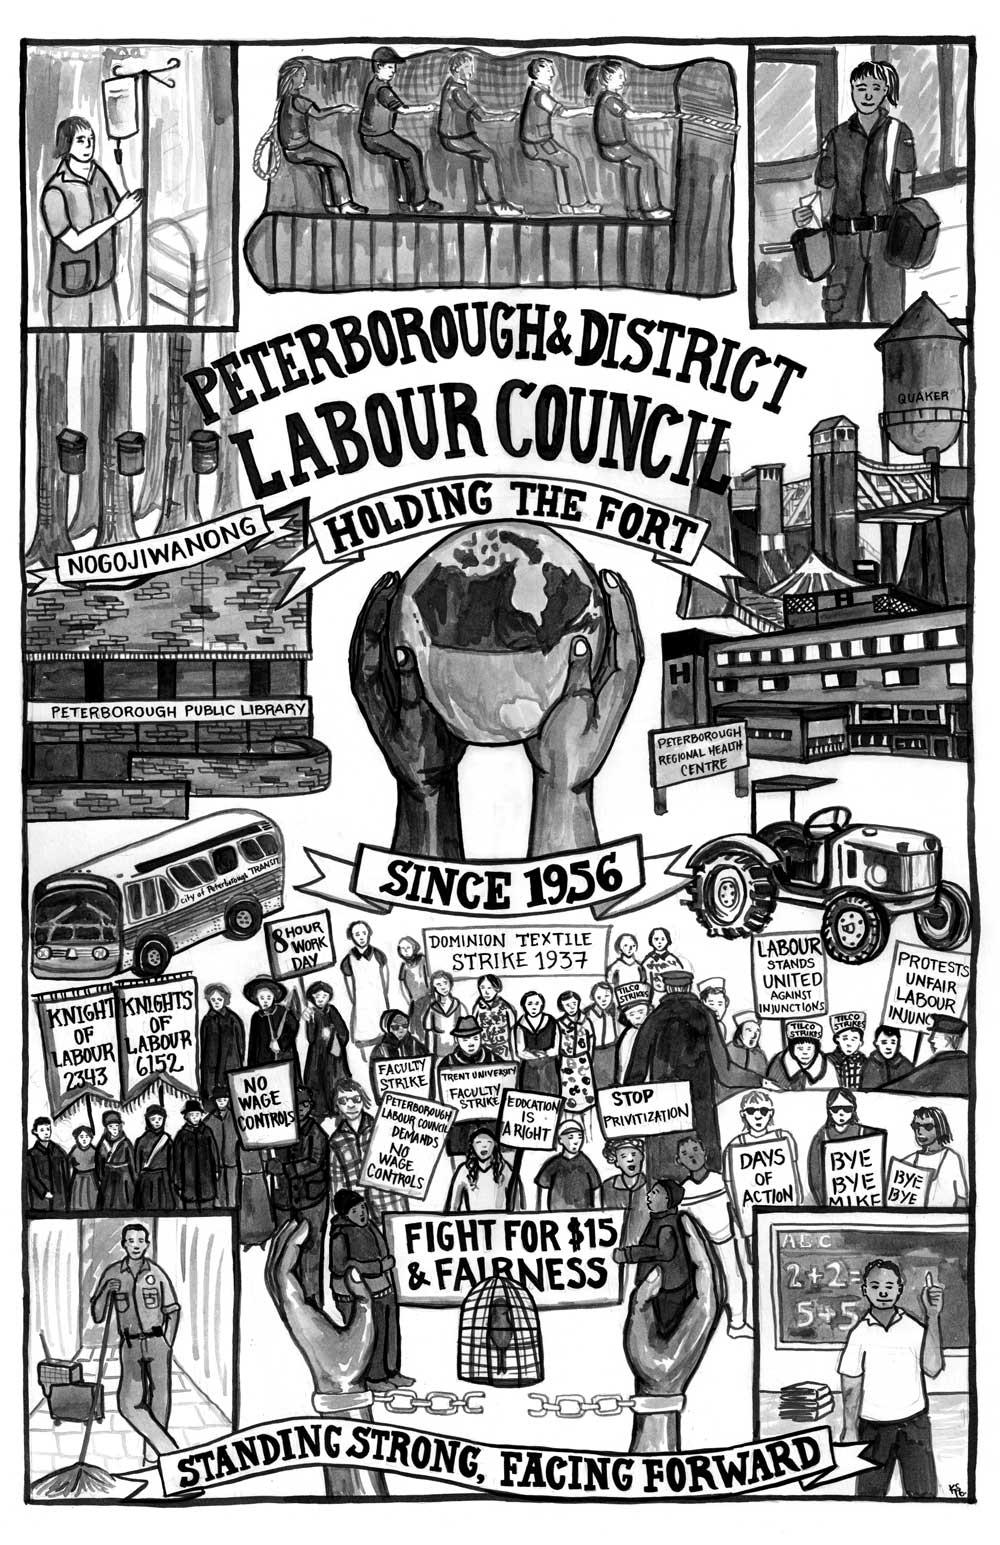 PDLC Poster